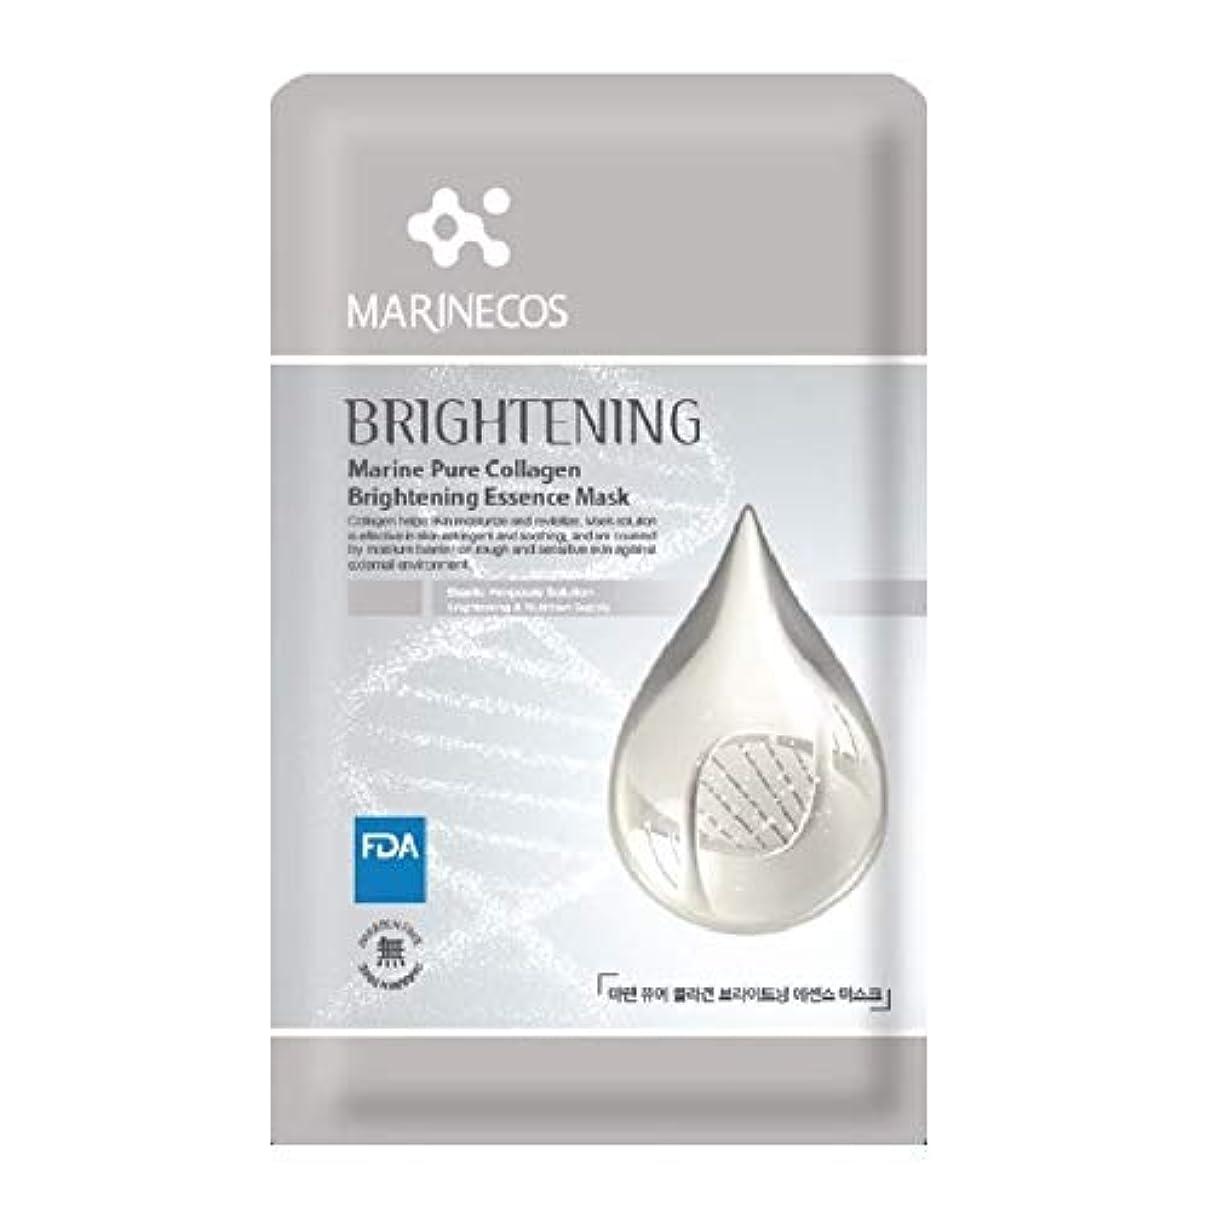 維持脊椎ピカリングKorea, Beauty, Marine Pure Collagen Brightening Essence Mask 10 Sheets 1 Case 韓国ネーチャー コスメ ビューティー 韓国マスクシート